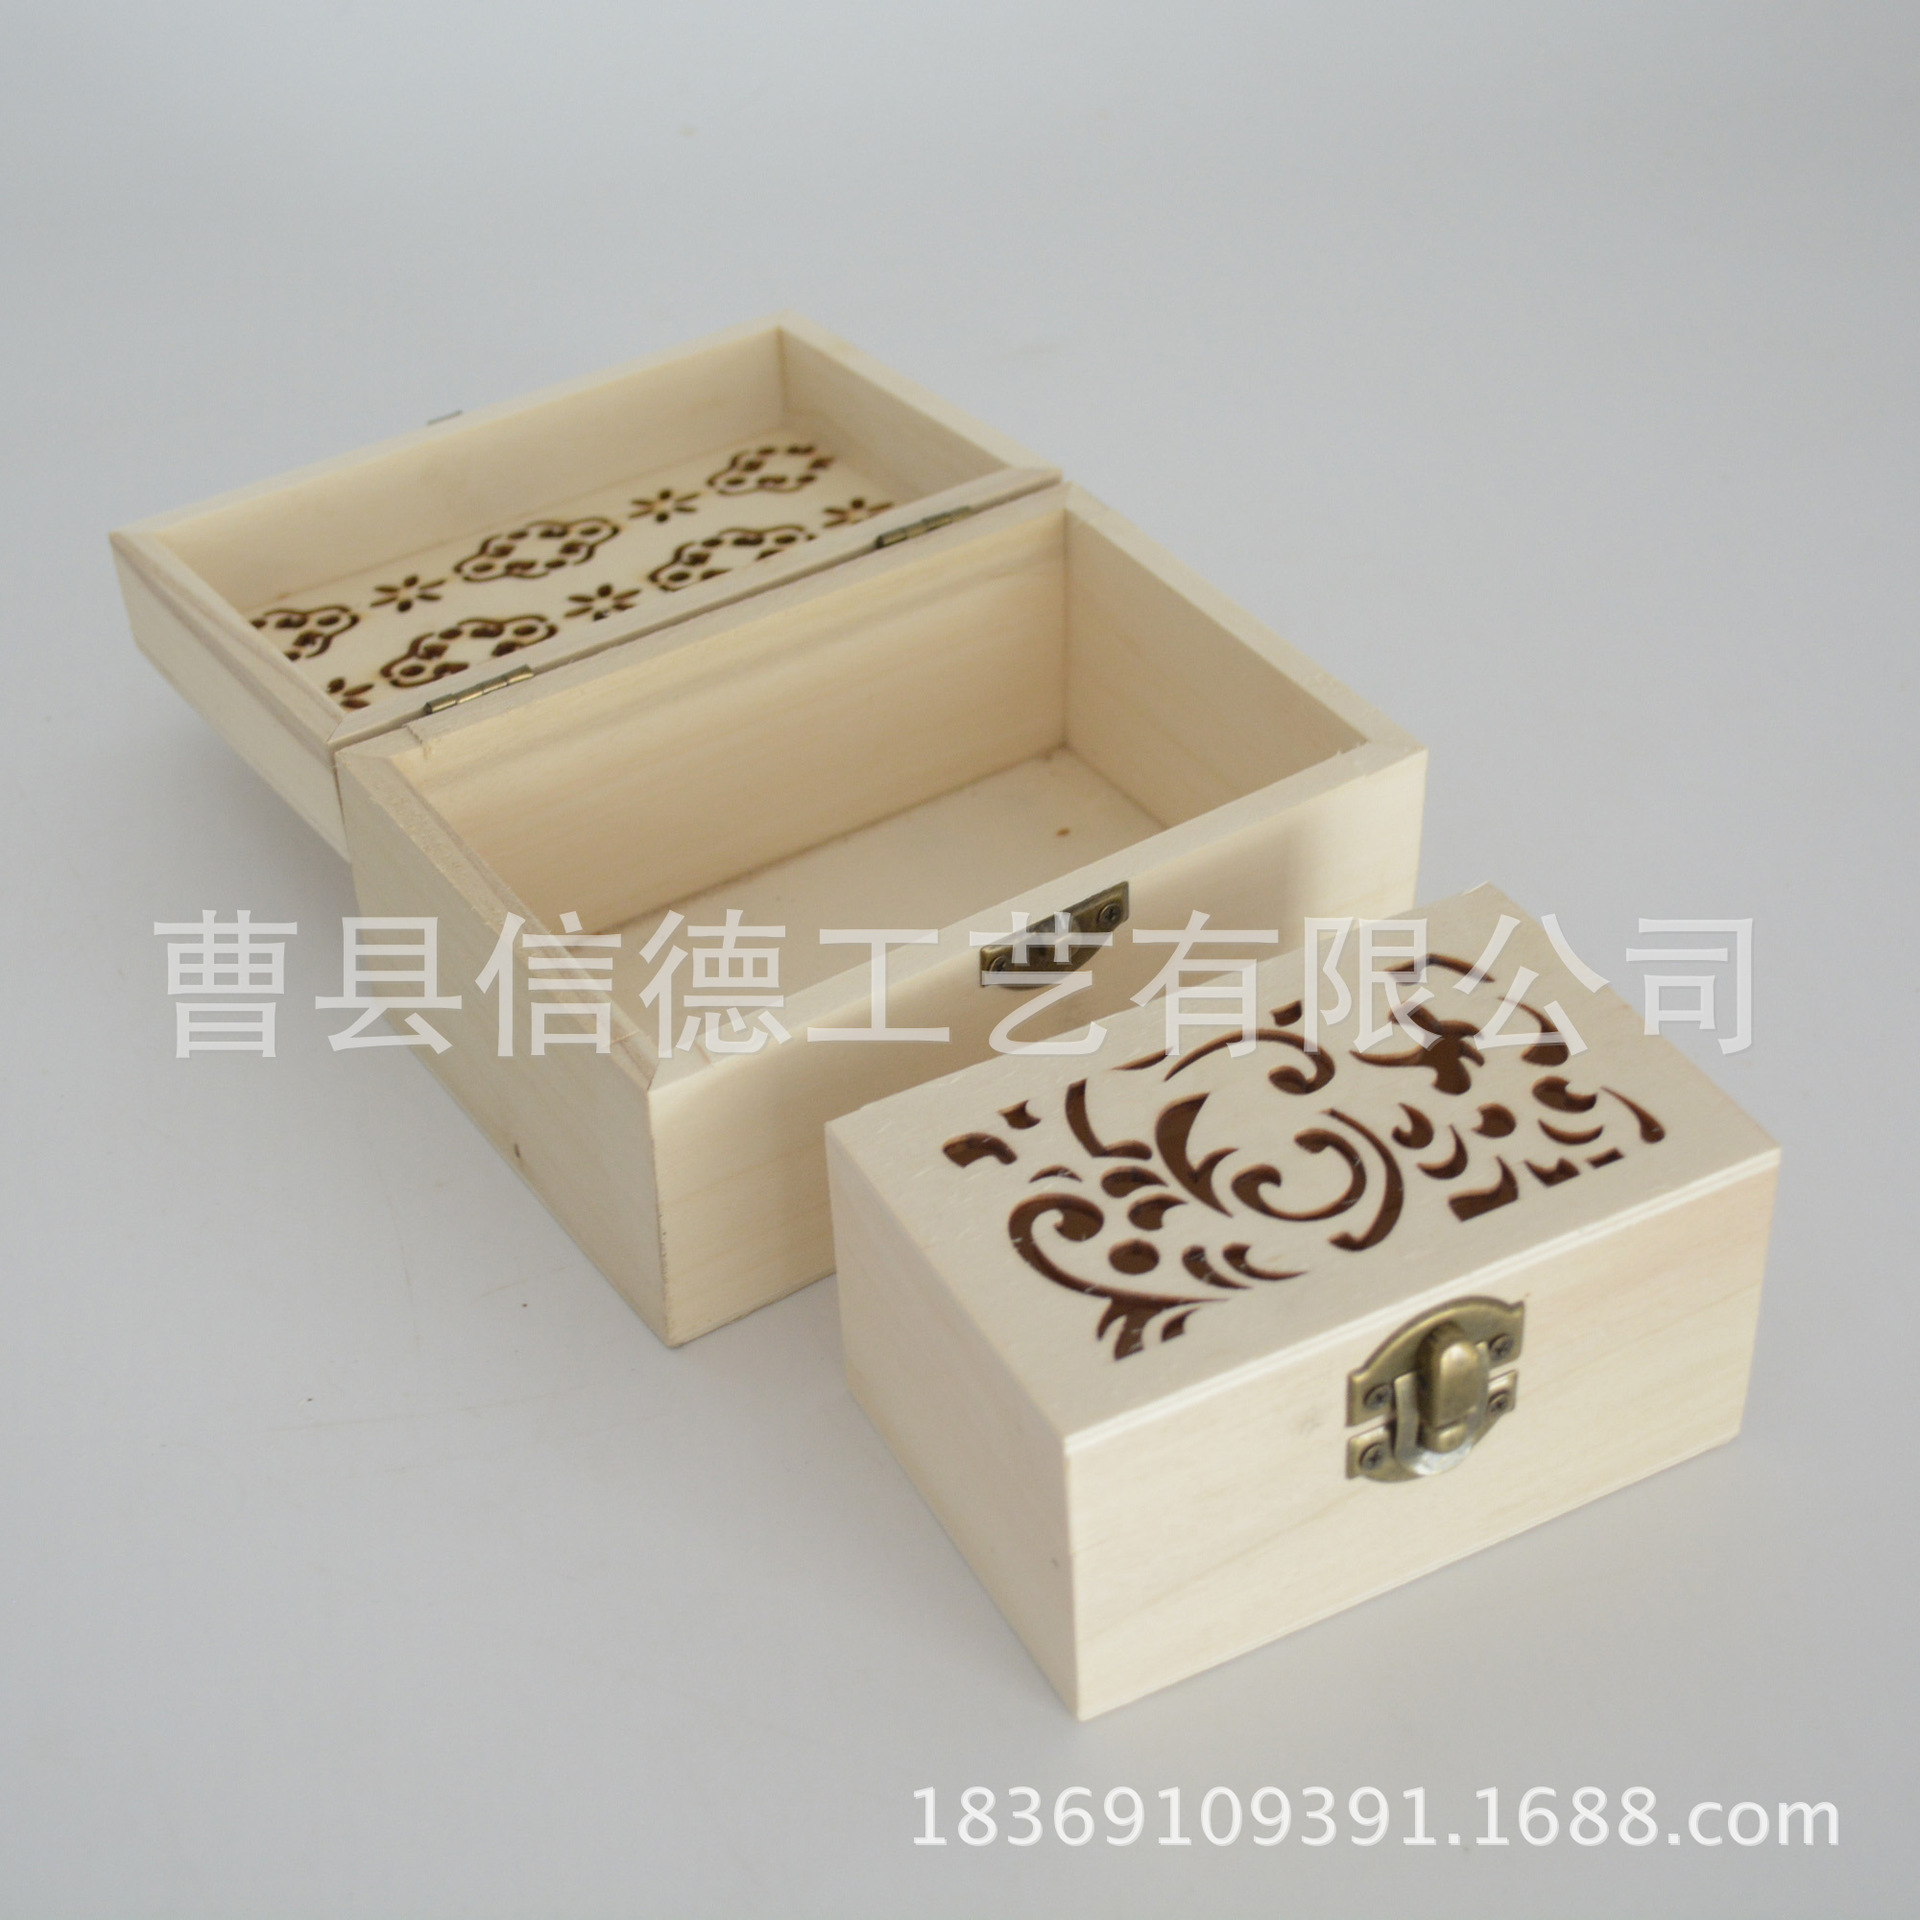 厂家直销镂空小花窗饰品木盒 高档木制首饰盒 挂件吊坠收纳盒批发